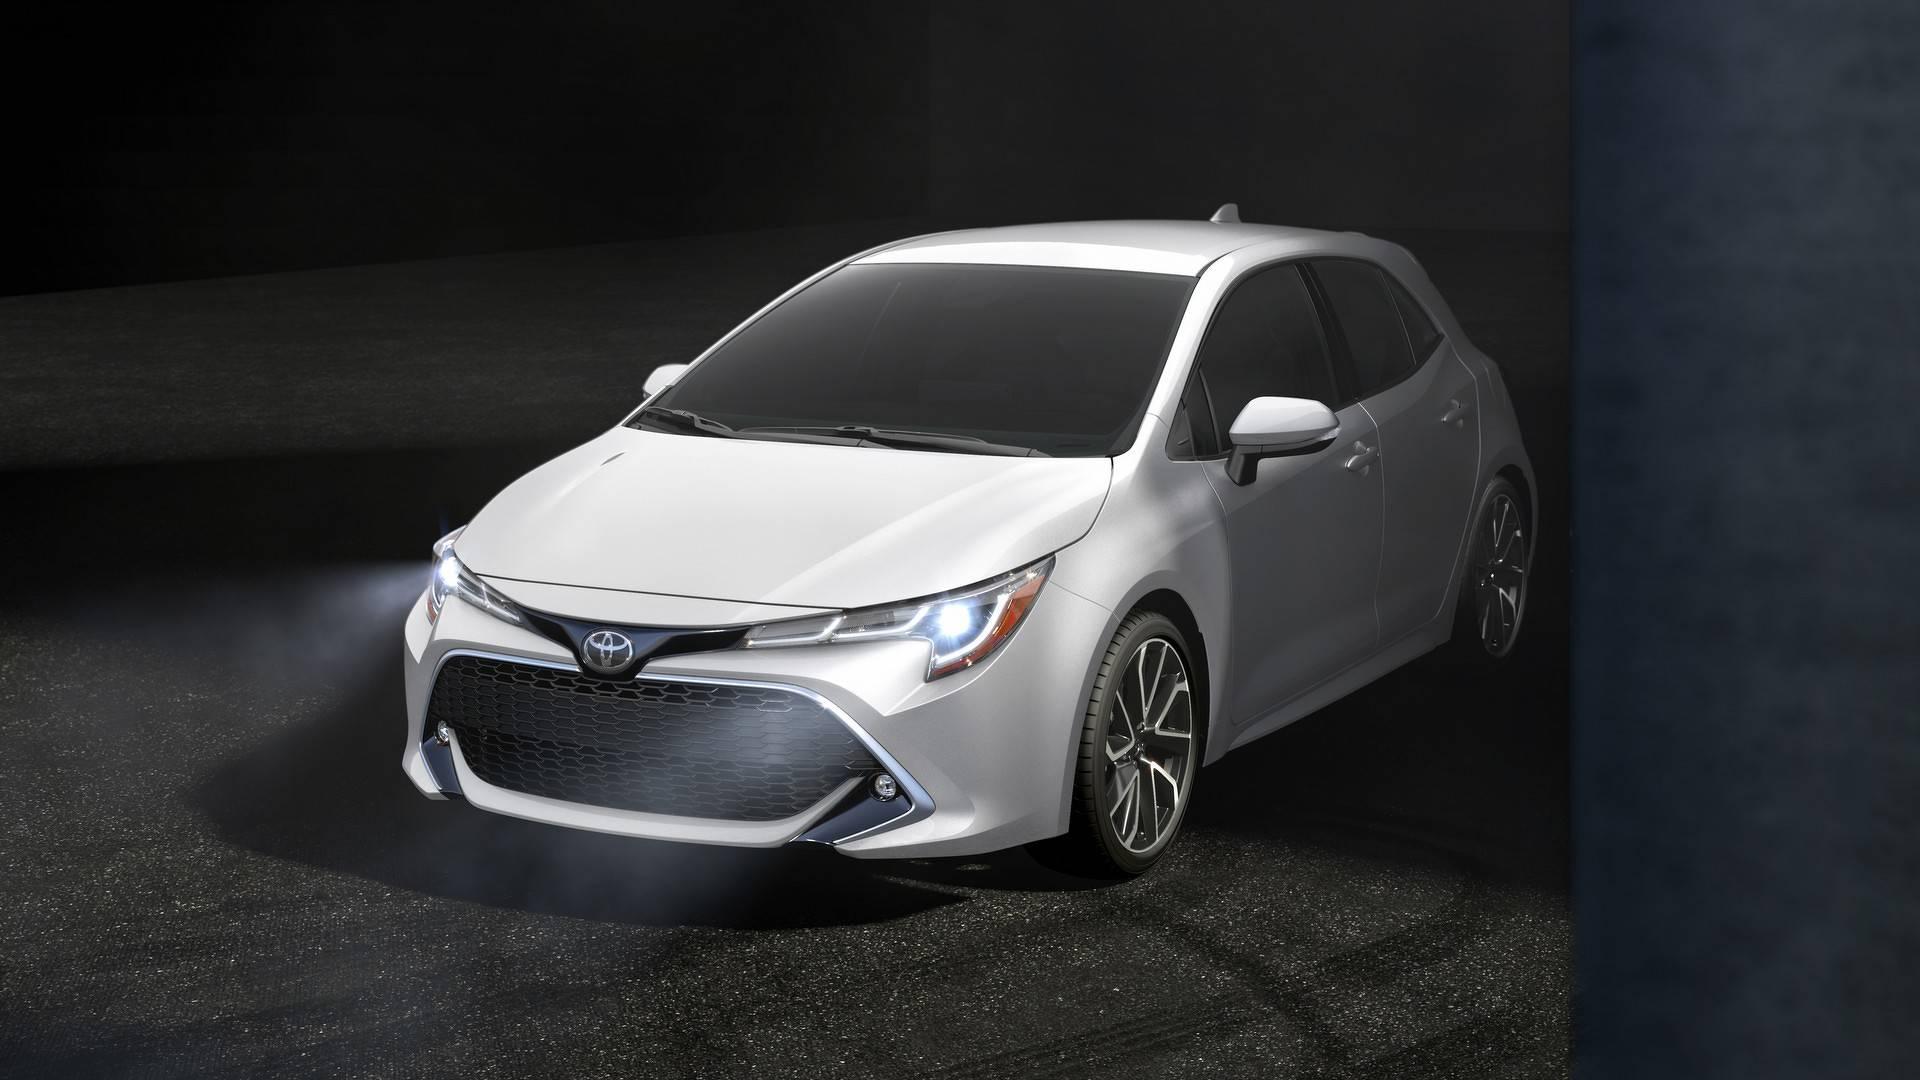 2019_Toyota_Corolla_Hatchback_0016